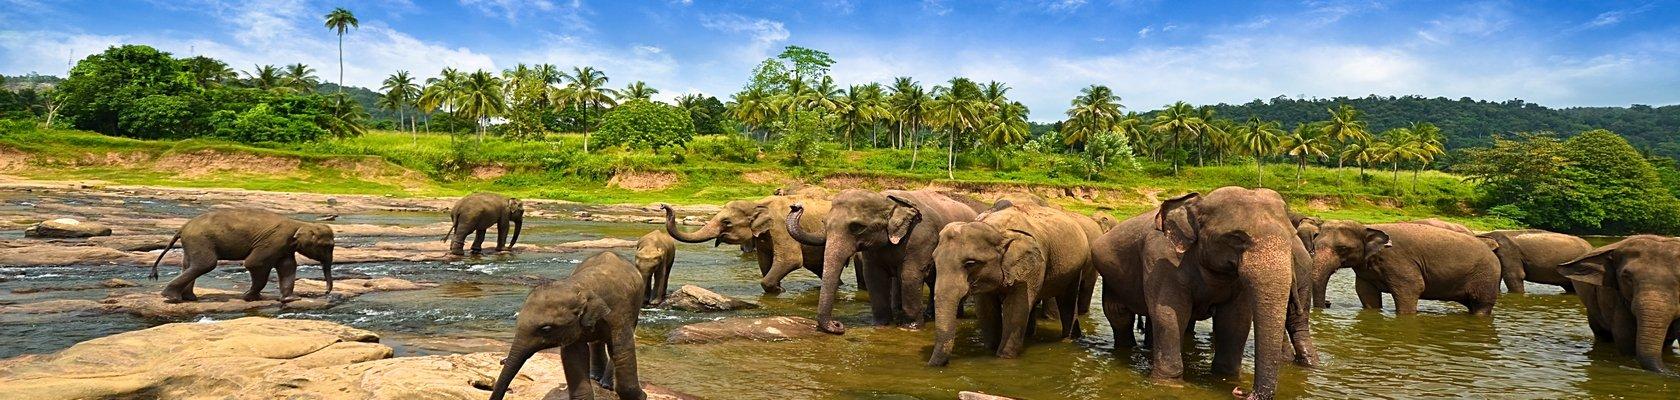 Olifanten zien